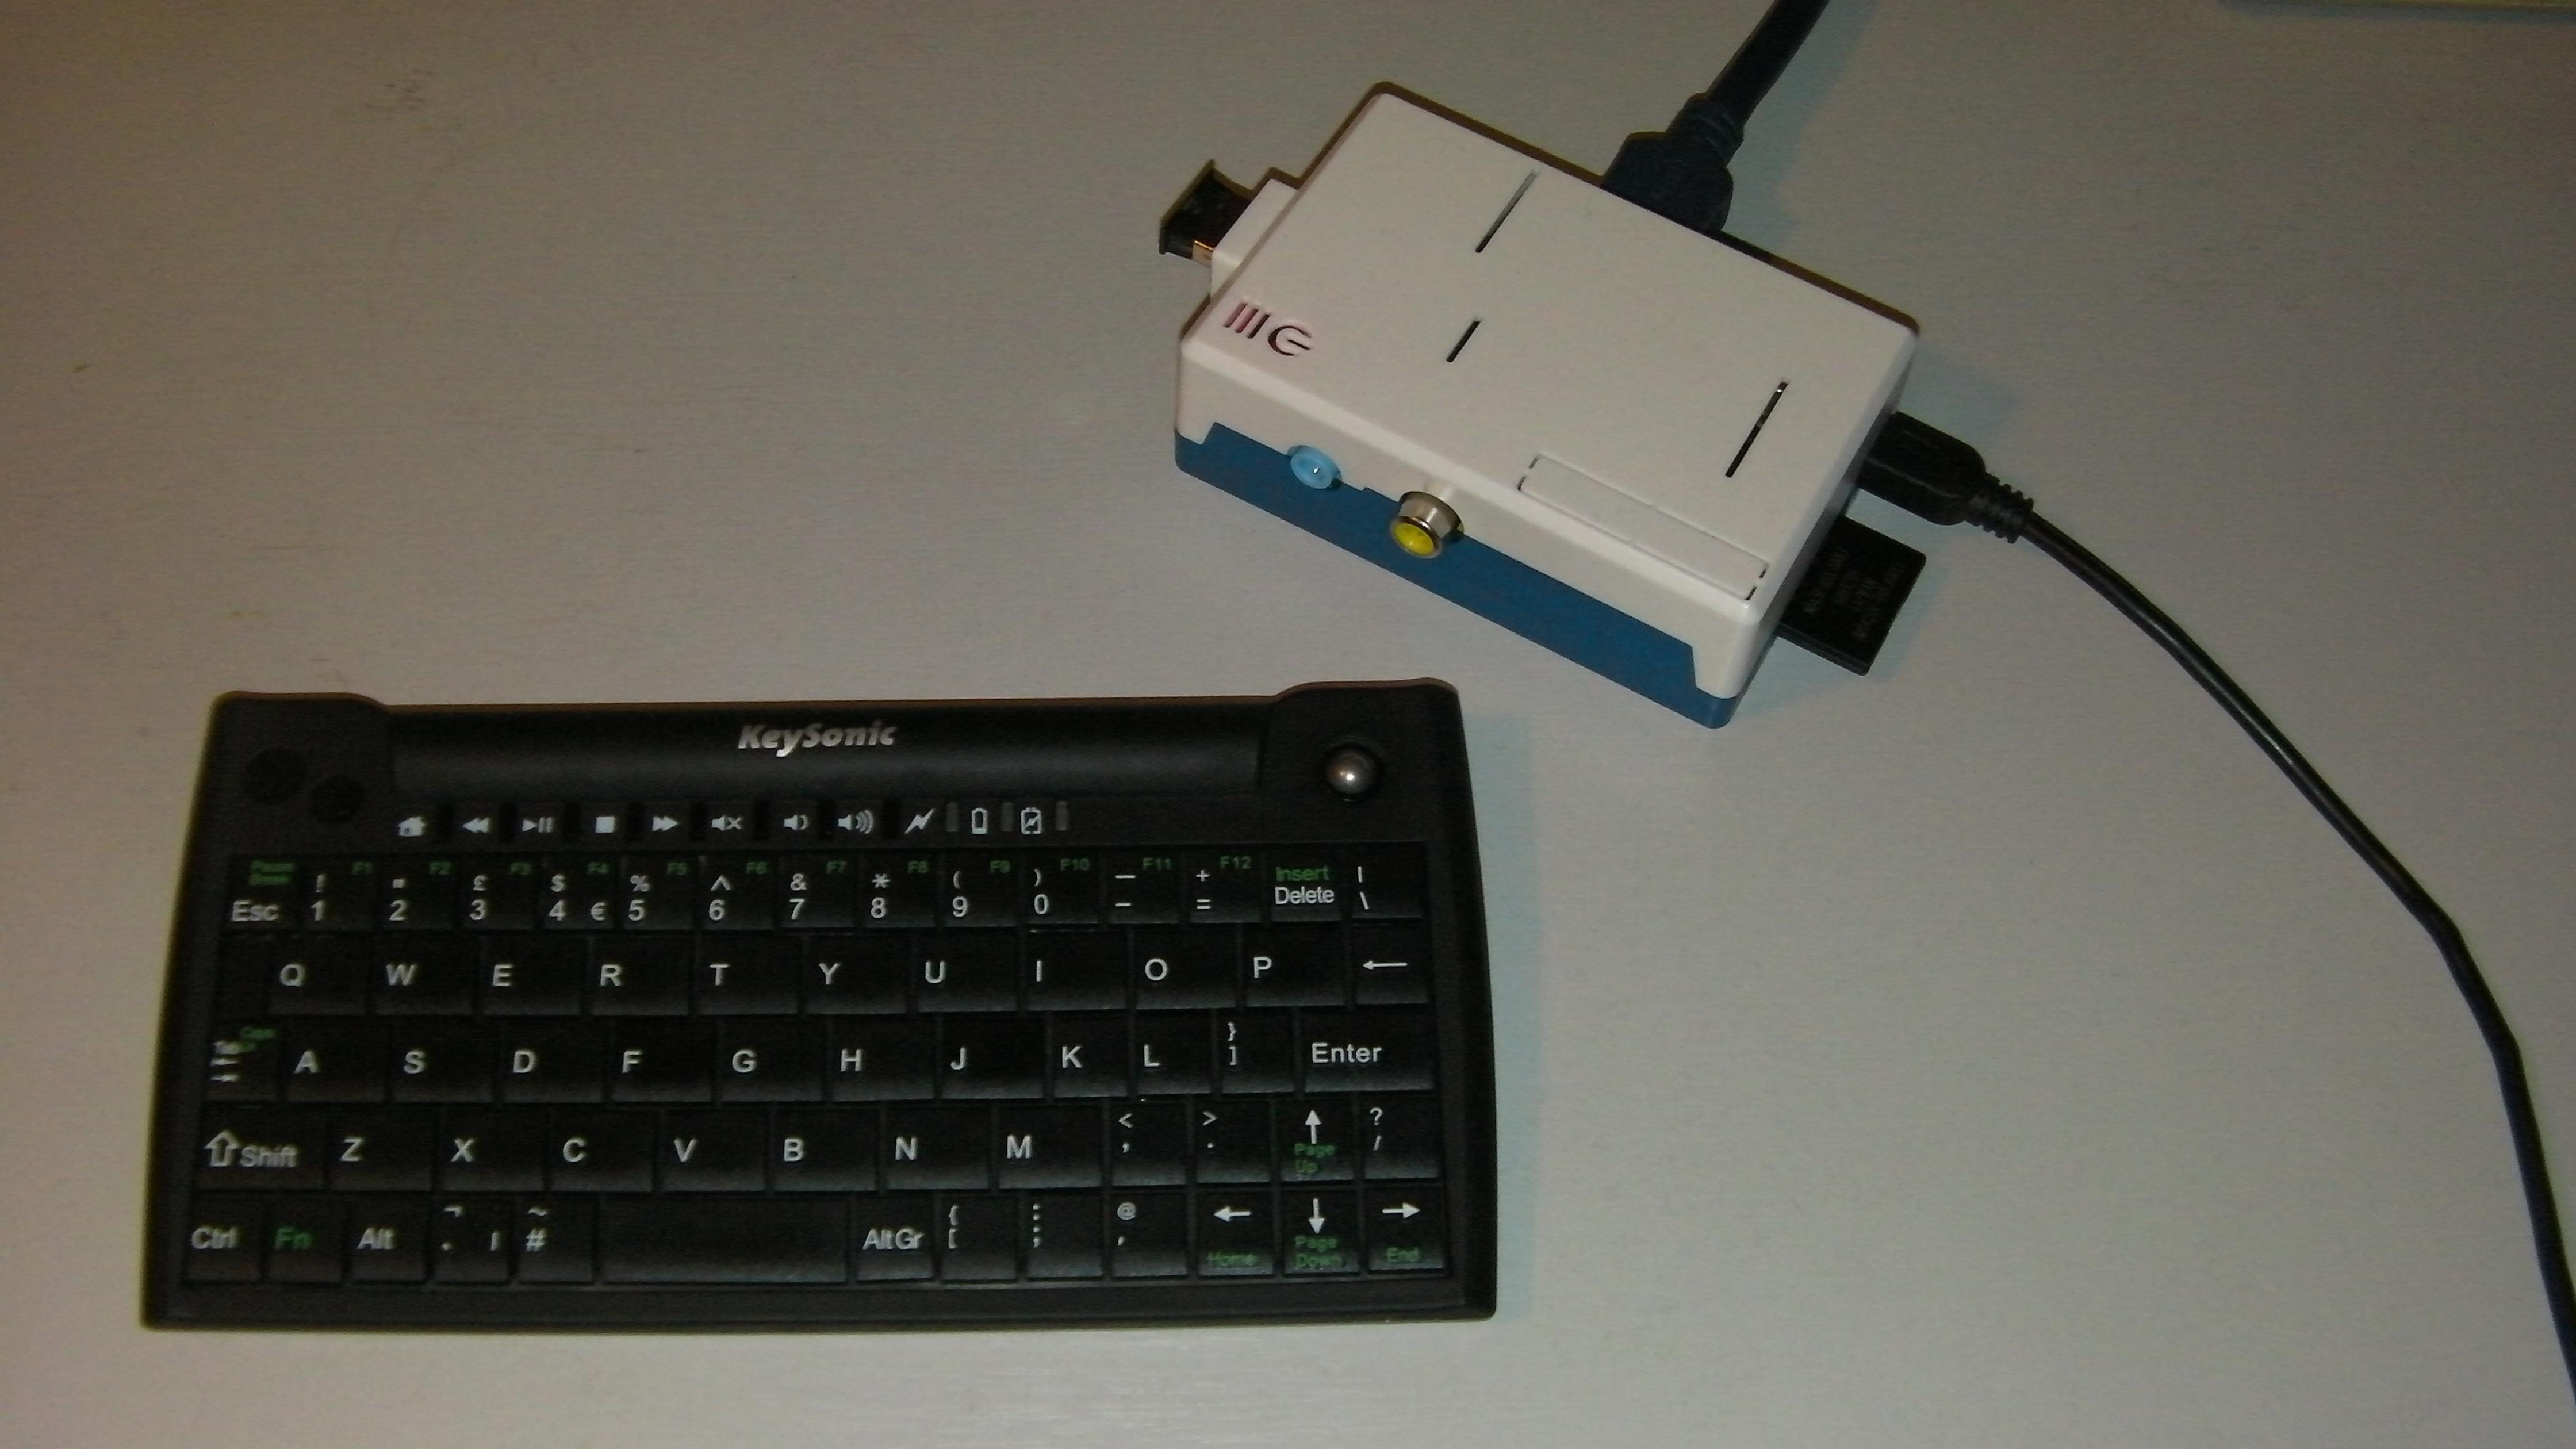 b821c8dbaf7 ... bluetooth keyboard working with my Raspberry Pi. SANYO DIGITAL CAMERA